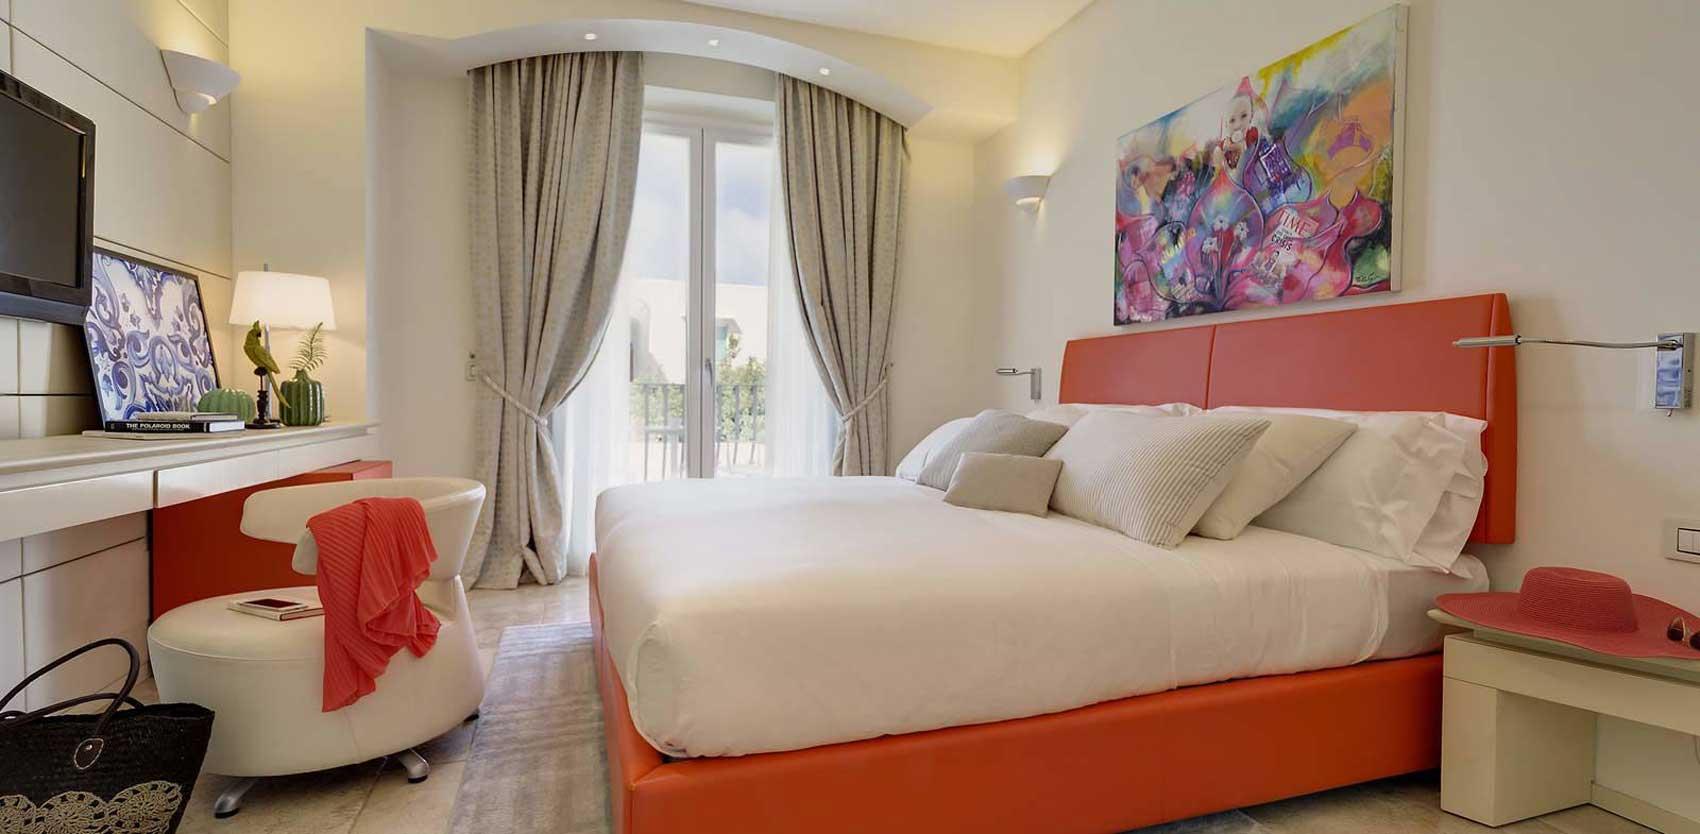 Melia Villa Capri, hotel design : chambre Deluxe avec balcon